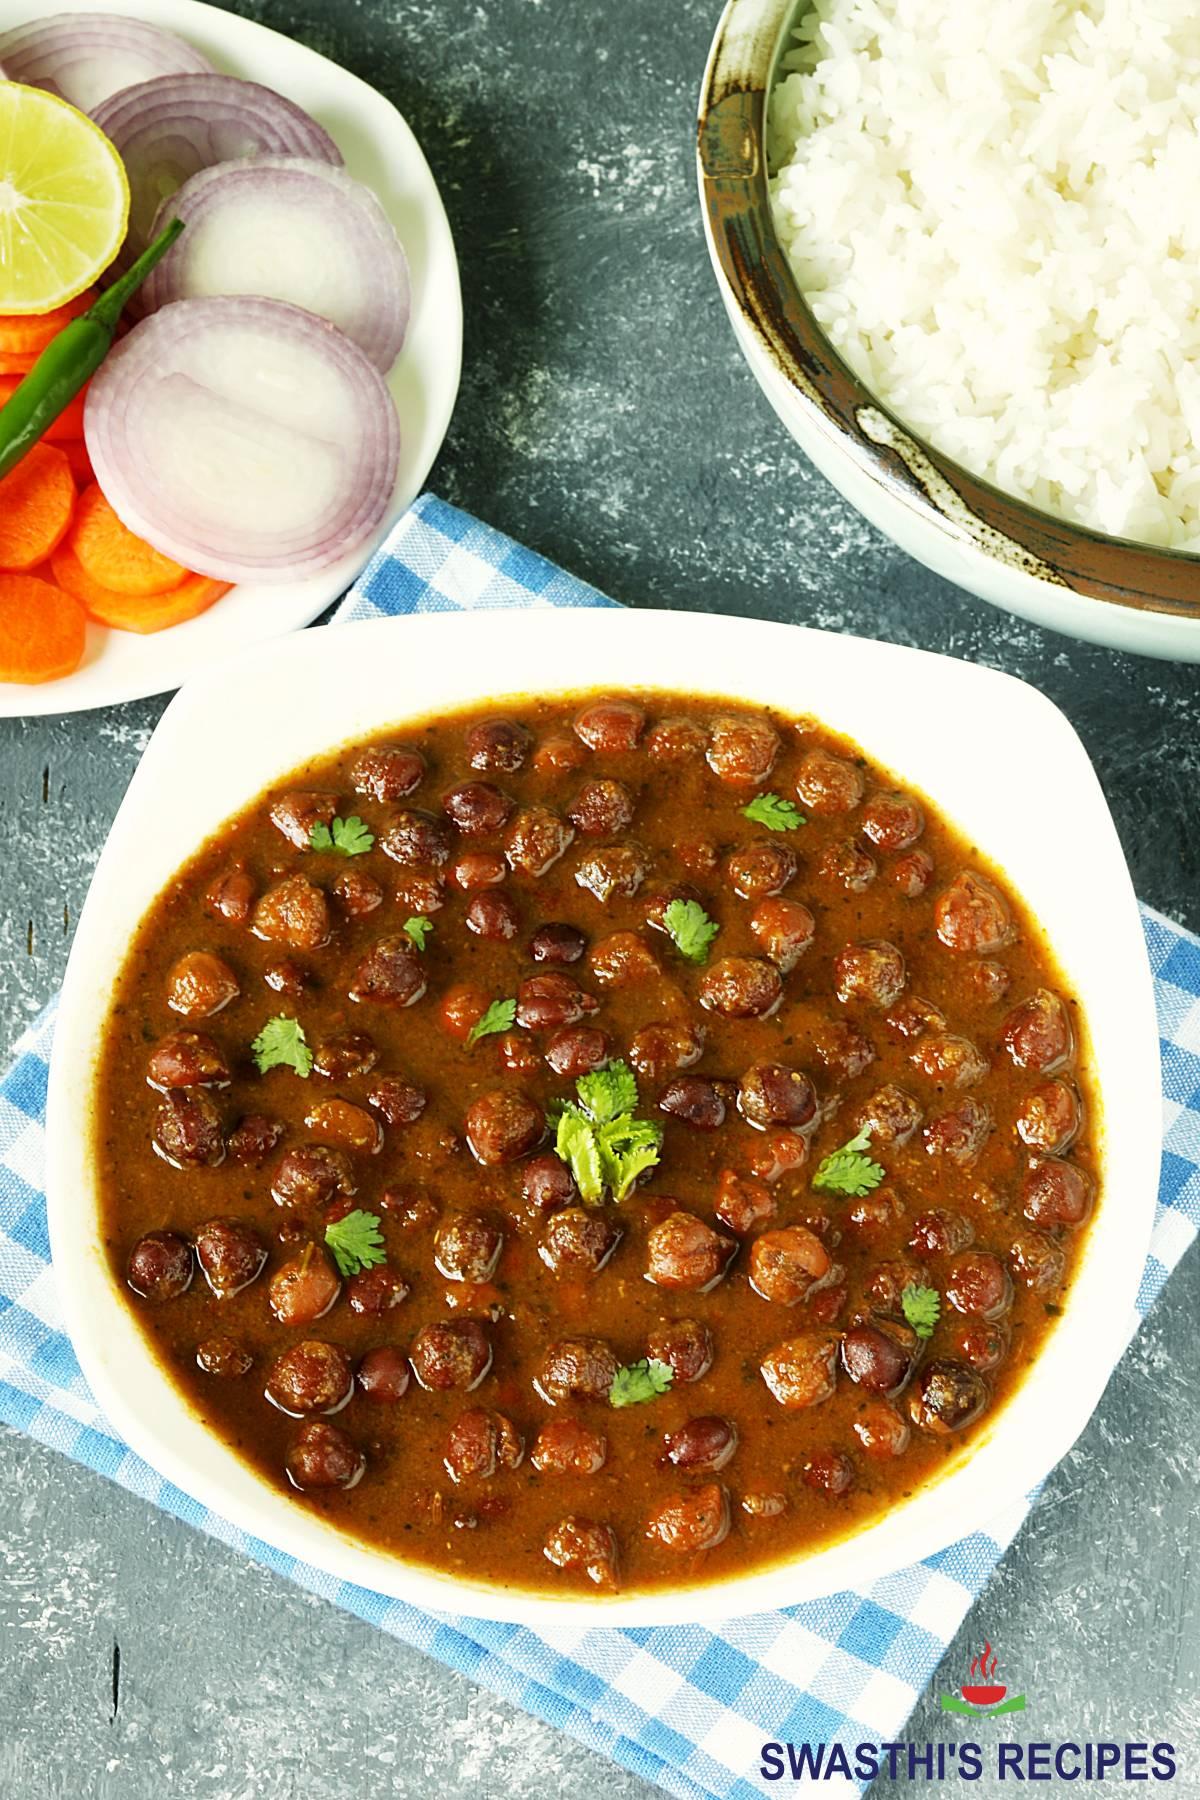 kala chana or black chickpea curry